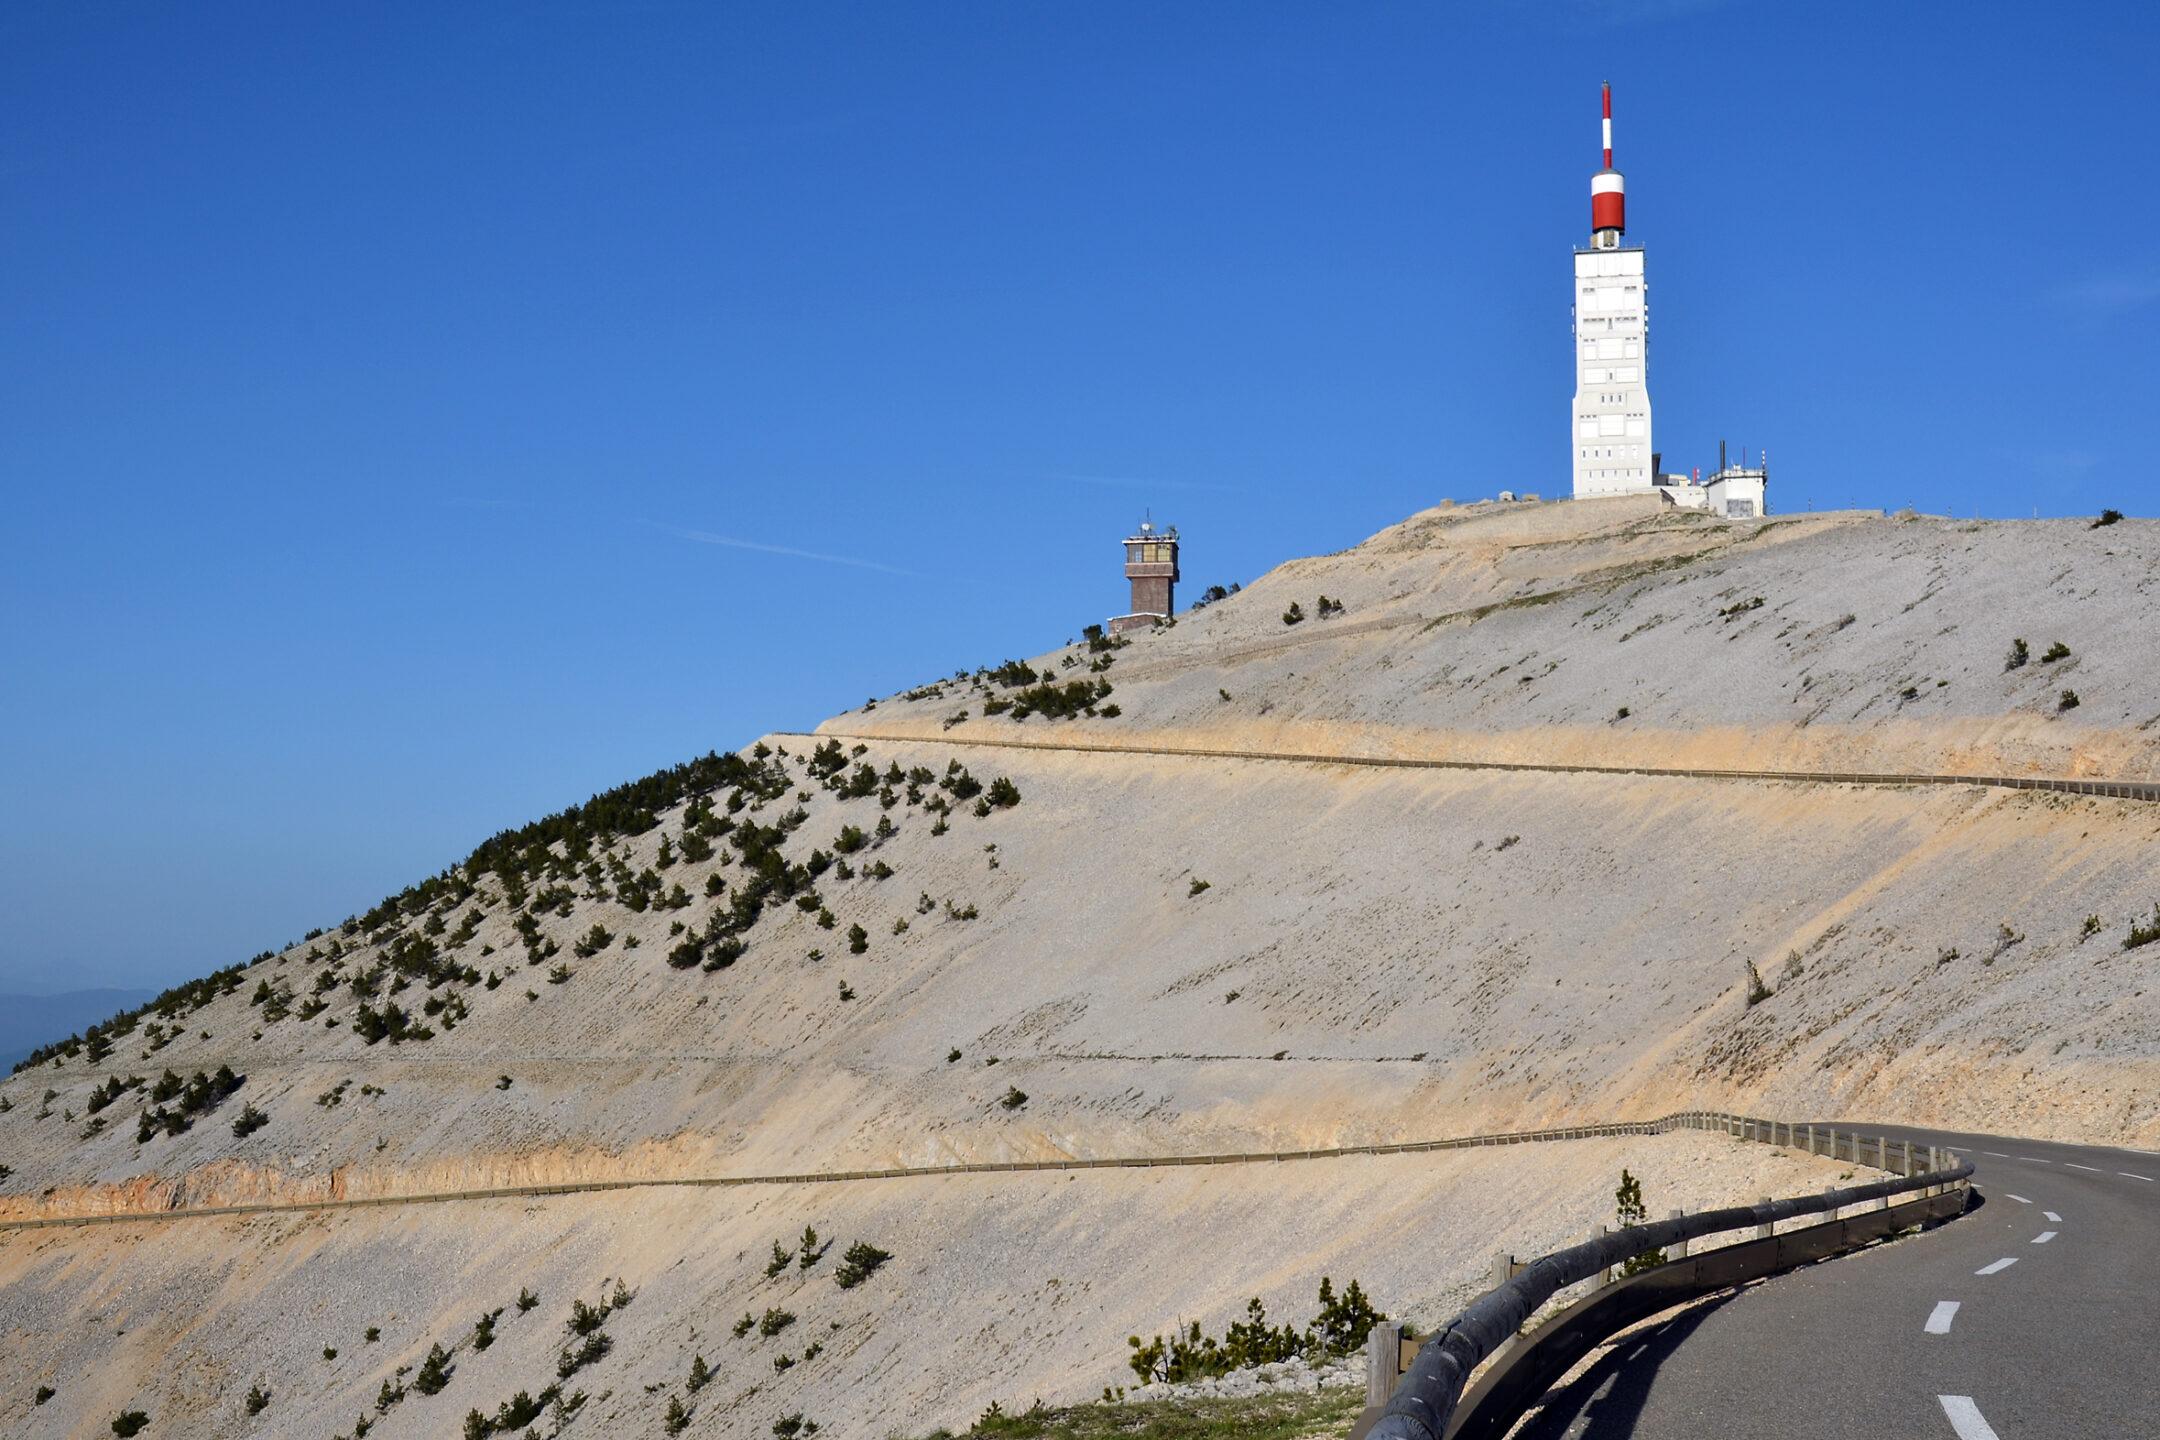 Sommet du Mont Ventoux fermé jusqu'au 31 mai 2021